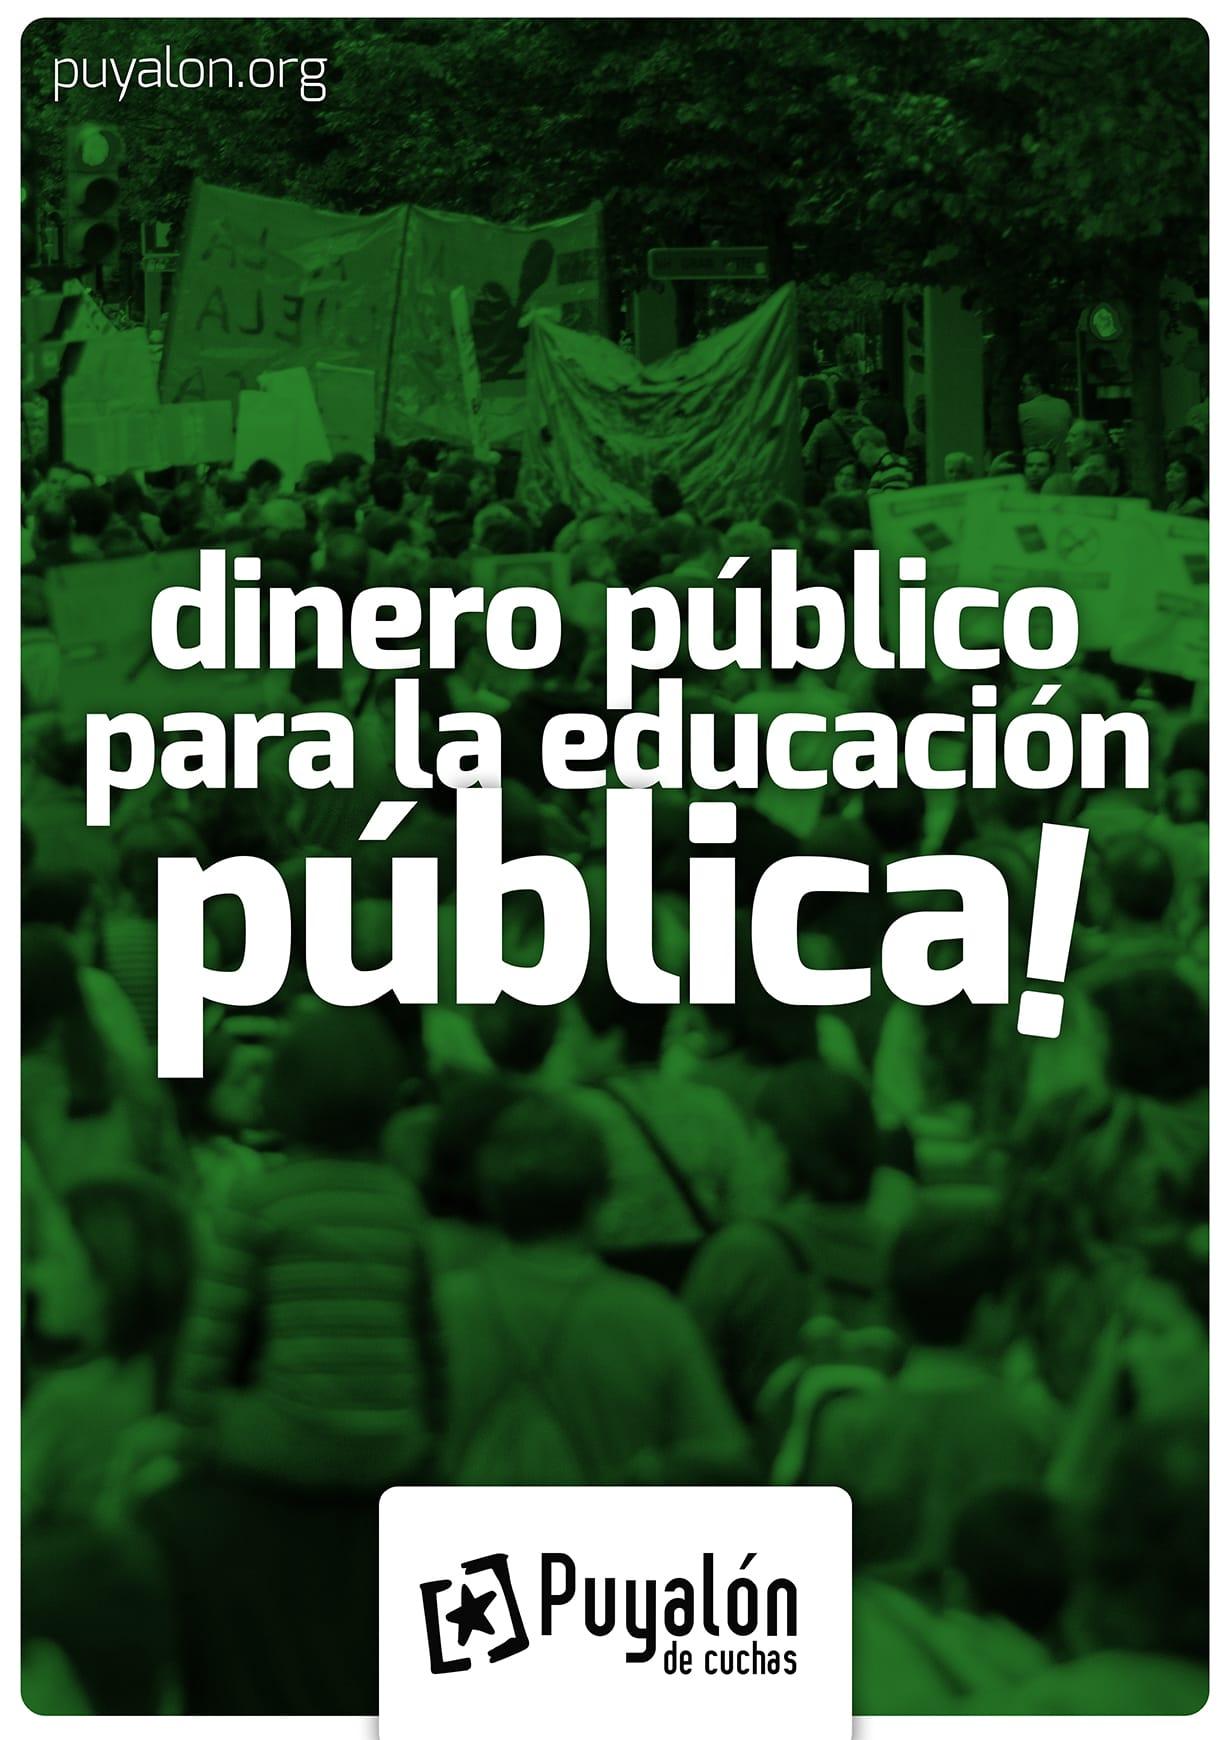 educacion publica. No a la educación concertada